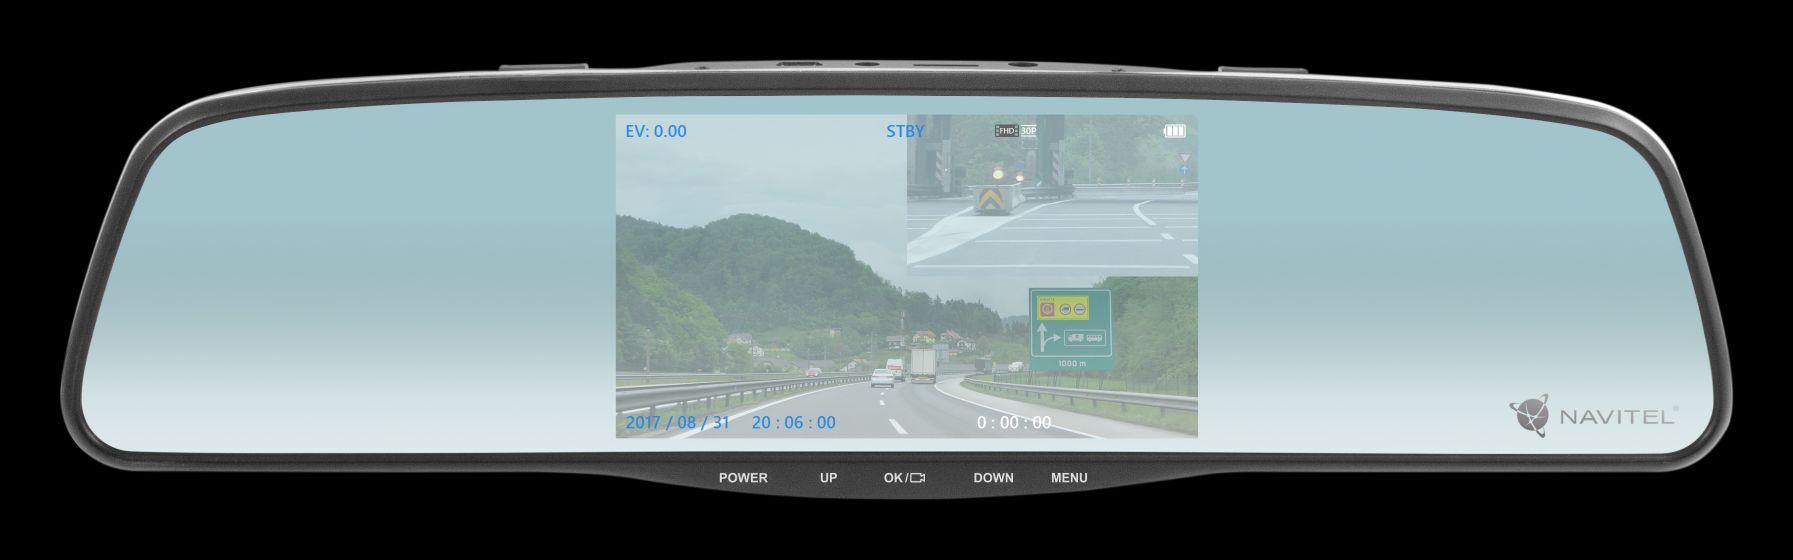 NAVITEL MR250 - lusterko wsteczne, wideorejestrator i kamera cofania w jednym już do kupienia w Polsce 20